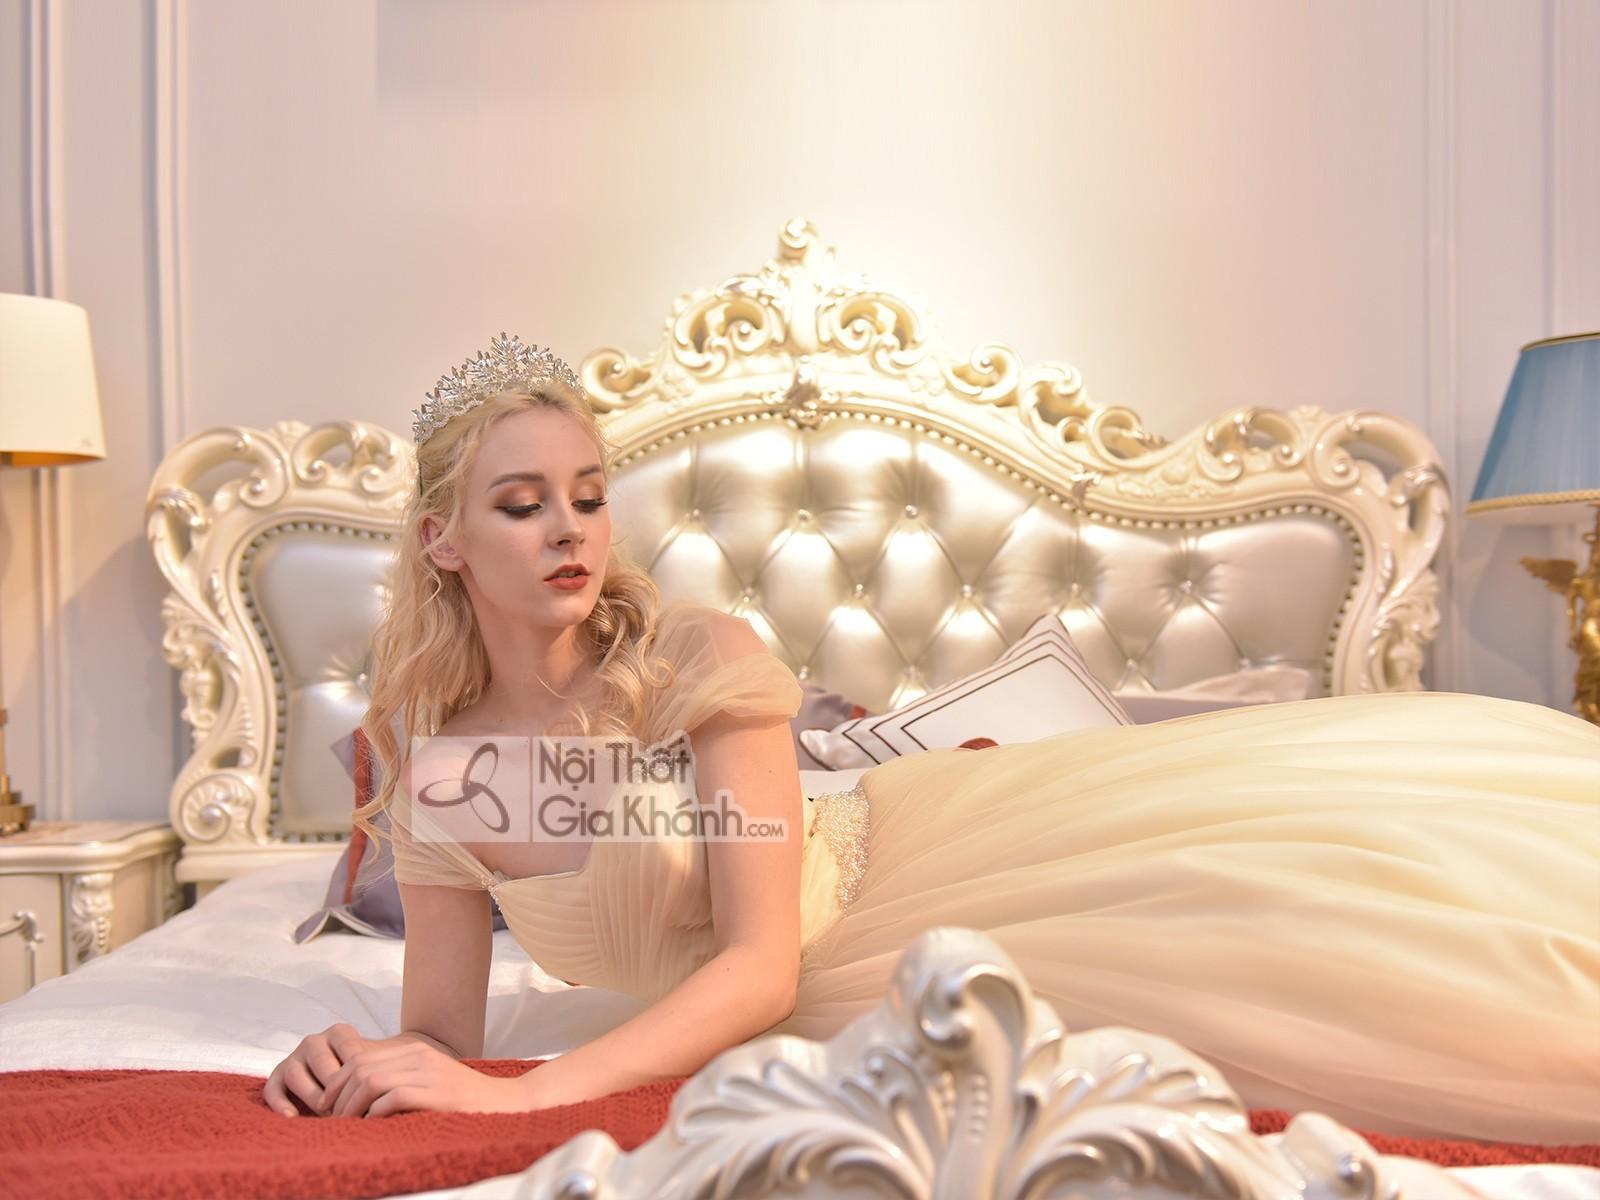 giuong ngu tan co dien phong cach phap gi8803h 1 - Giường ngủ tân cổ điển phong cách Pháp GI8803H